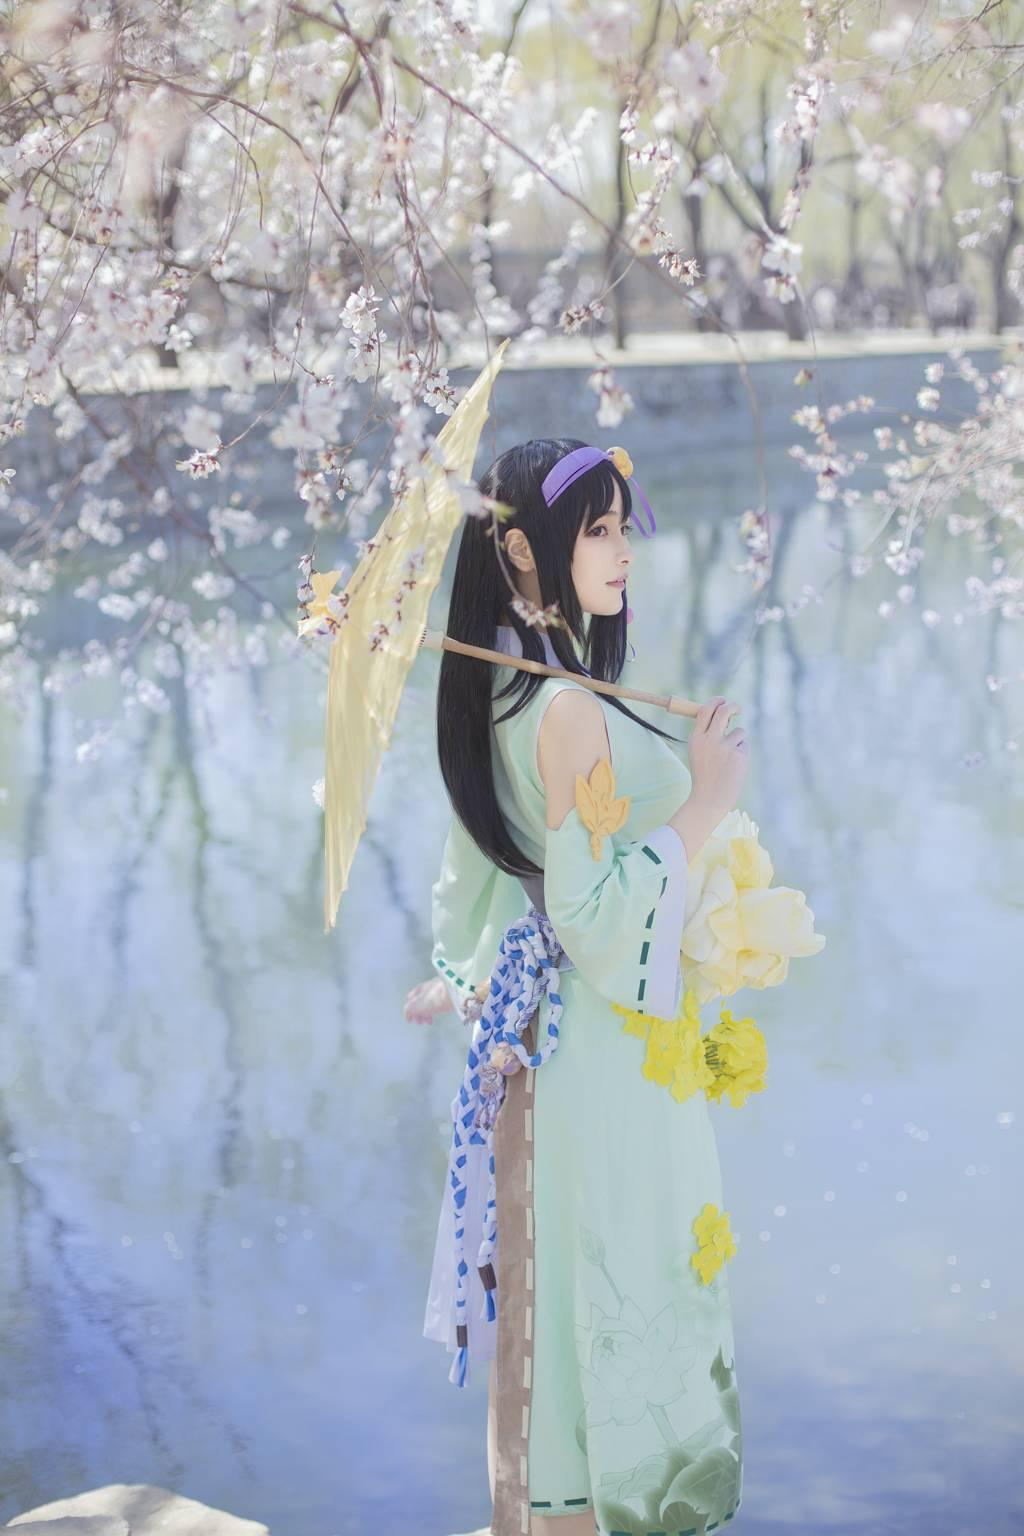 游戏cosplay【CN:水晶雪梨汁_雪梨】-第18张